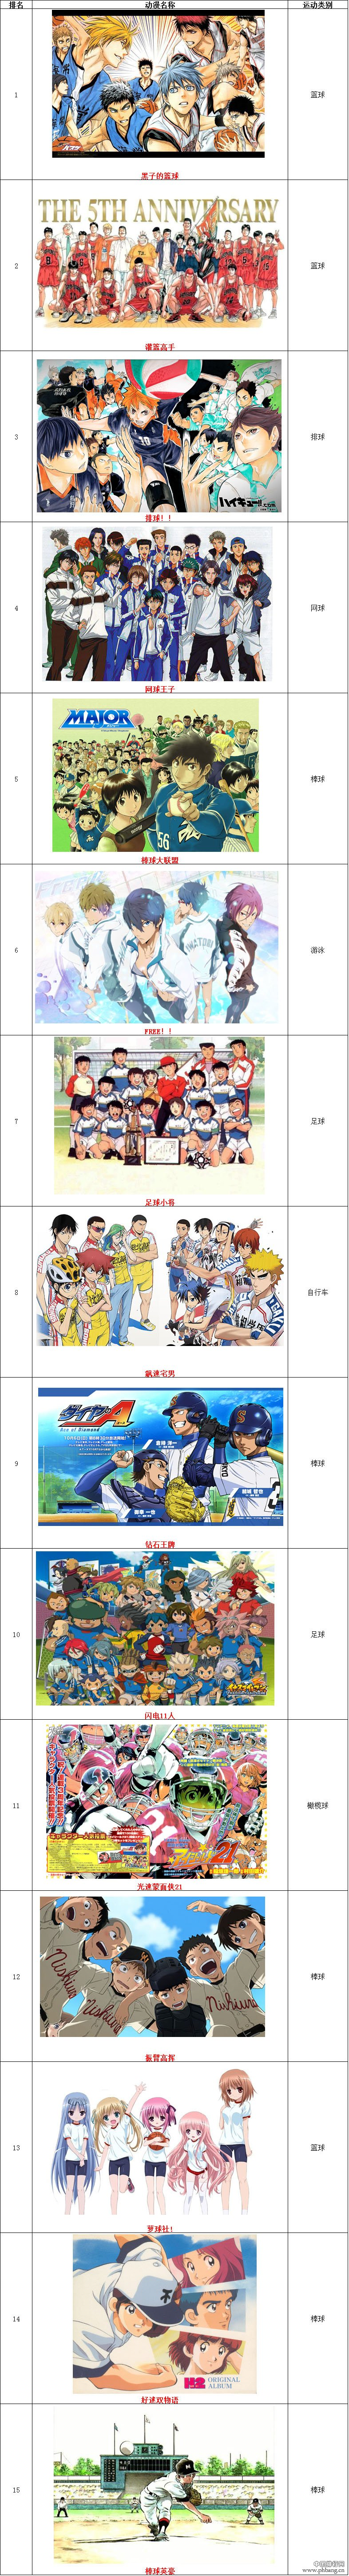 当今日本最具影响力的体育动漫排名